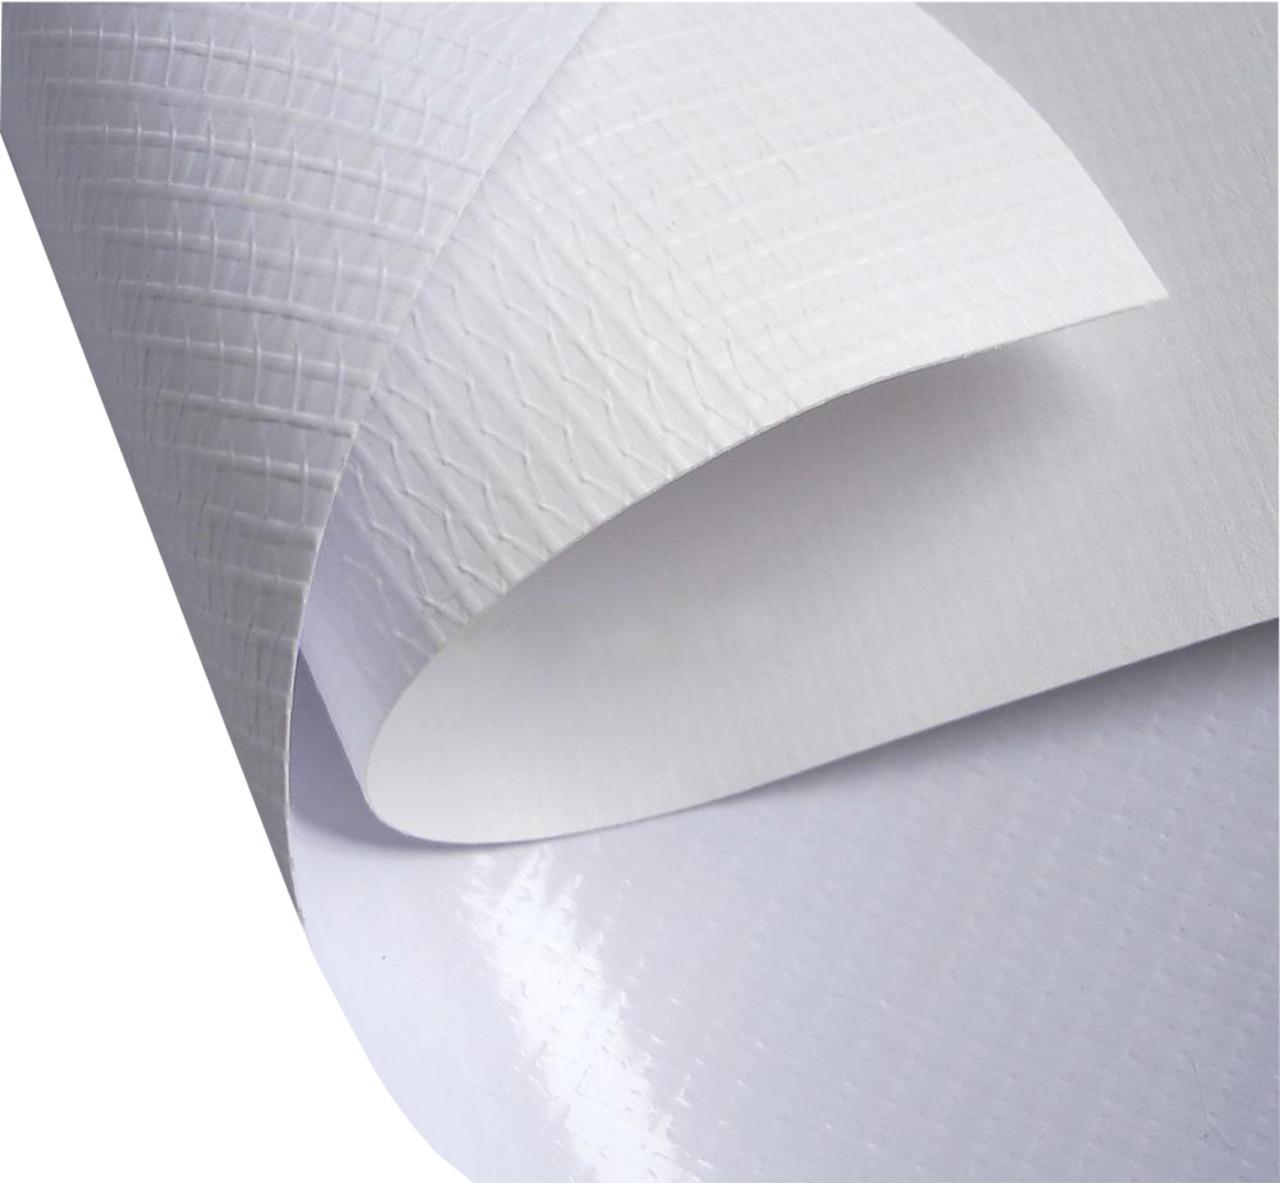 Баннер 440гр МАТОВЫЙ плетение нитей 300*500 3.2мх50м